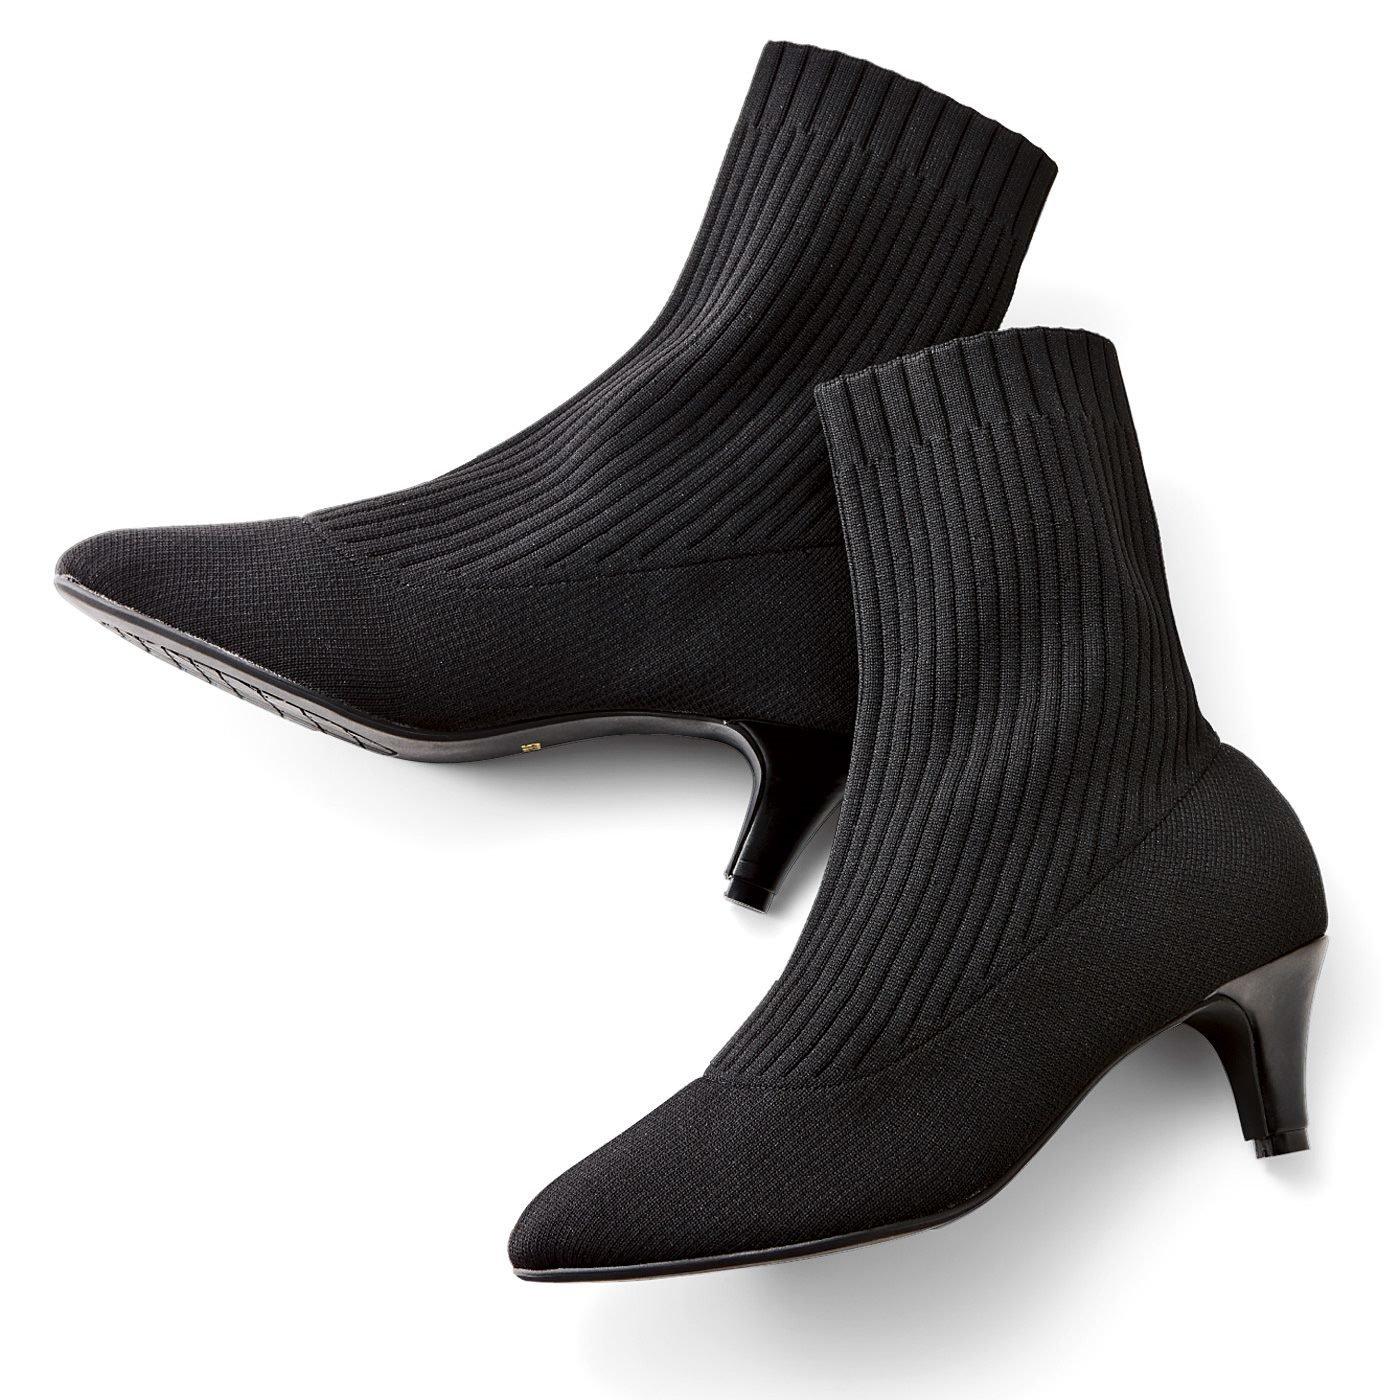 【3~10日でお届け】IEDIT[イディット] しなやかな履き心地のキャットフィット リブニットショートブーツ〈ブラック〉